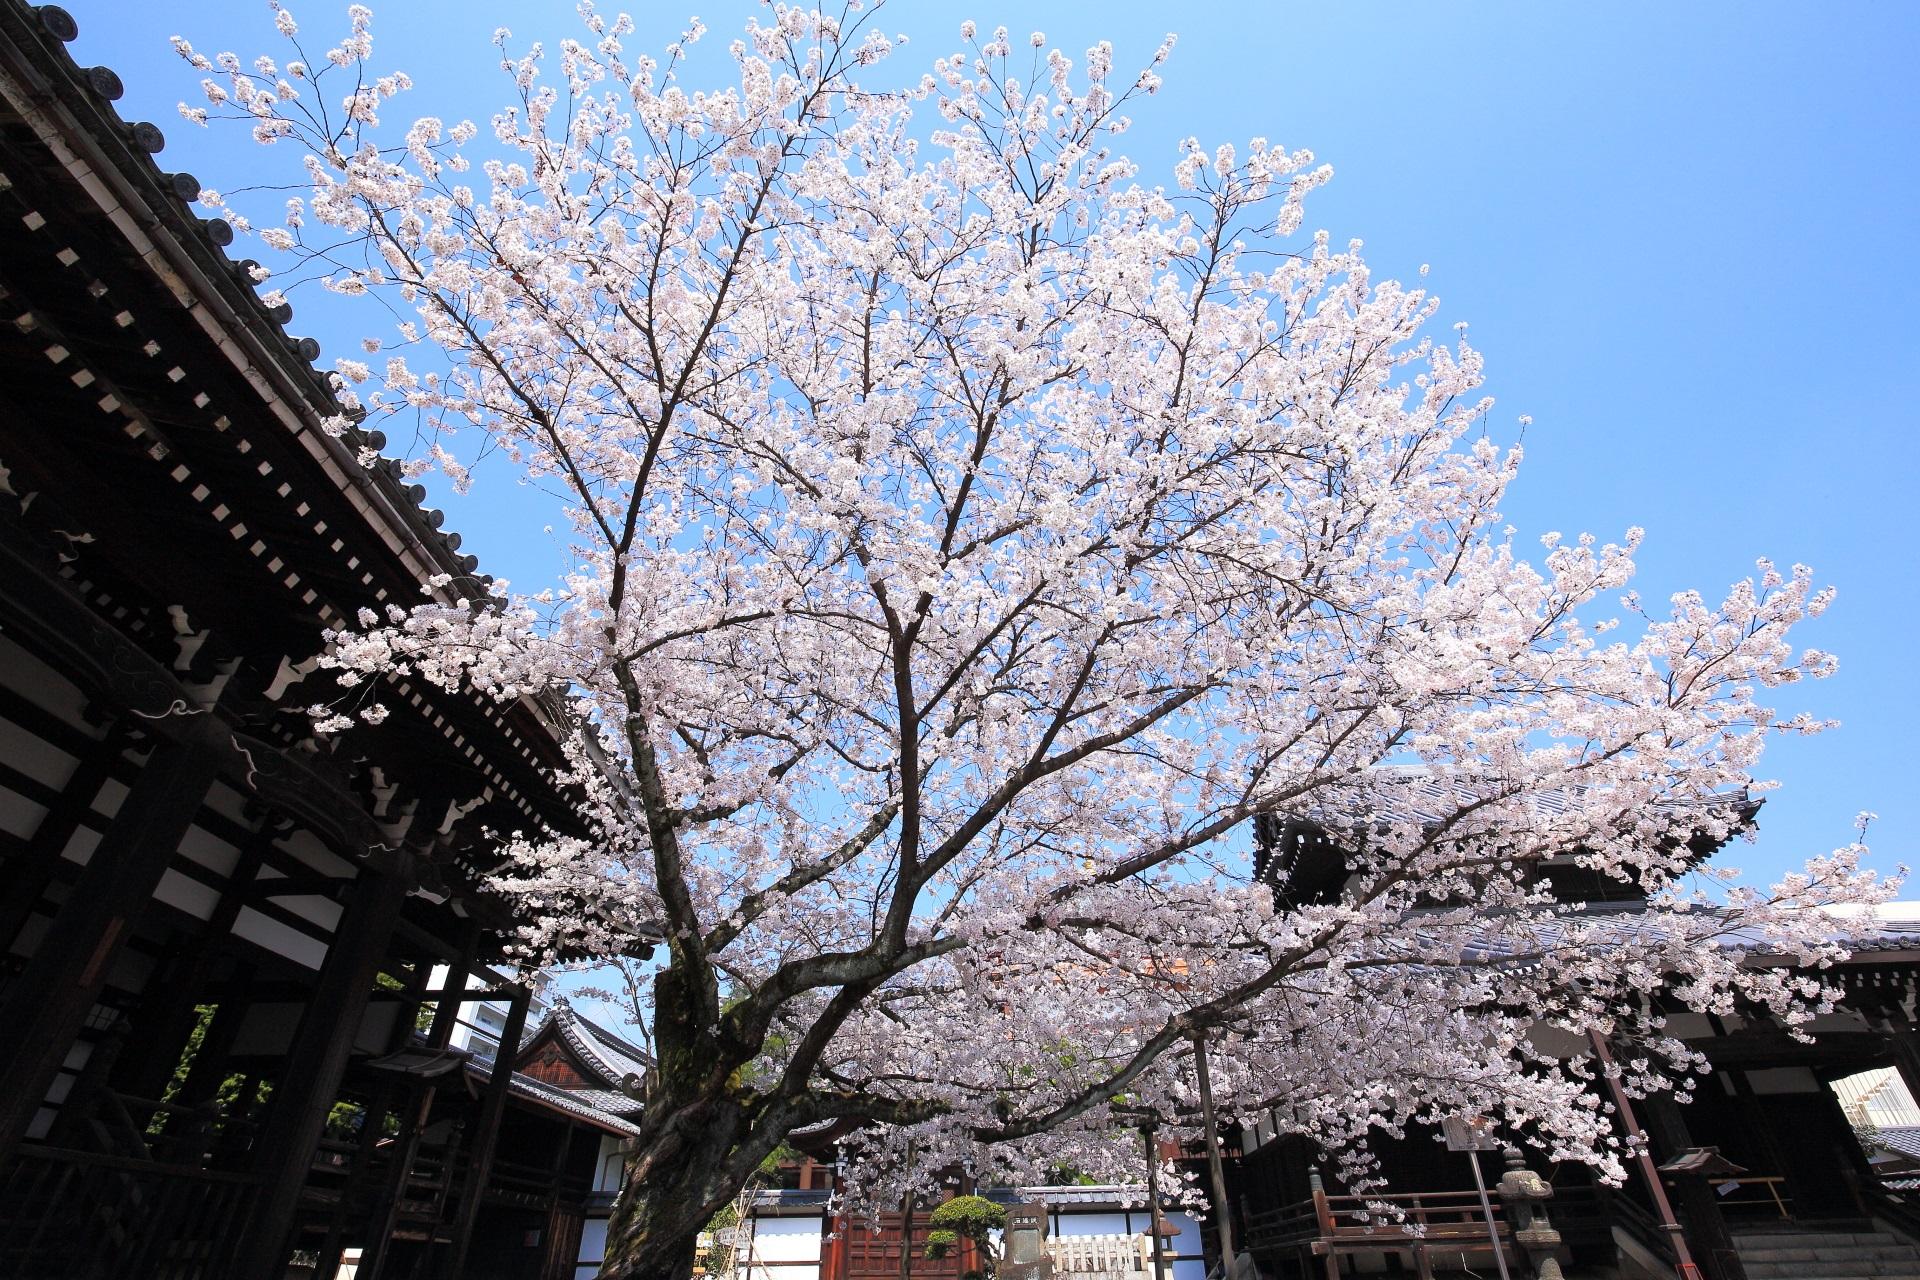 本法寺の青空で煌く見事な桜